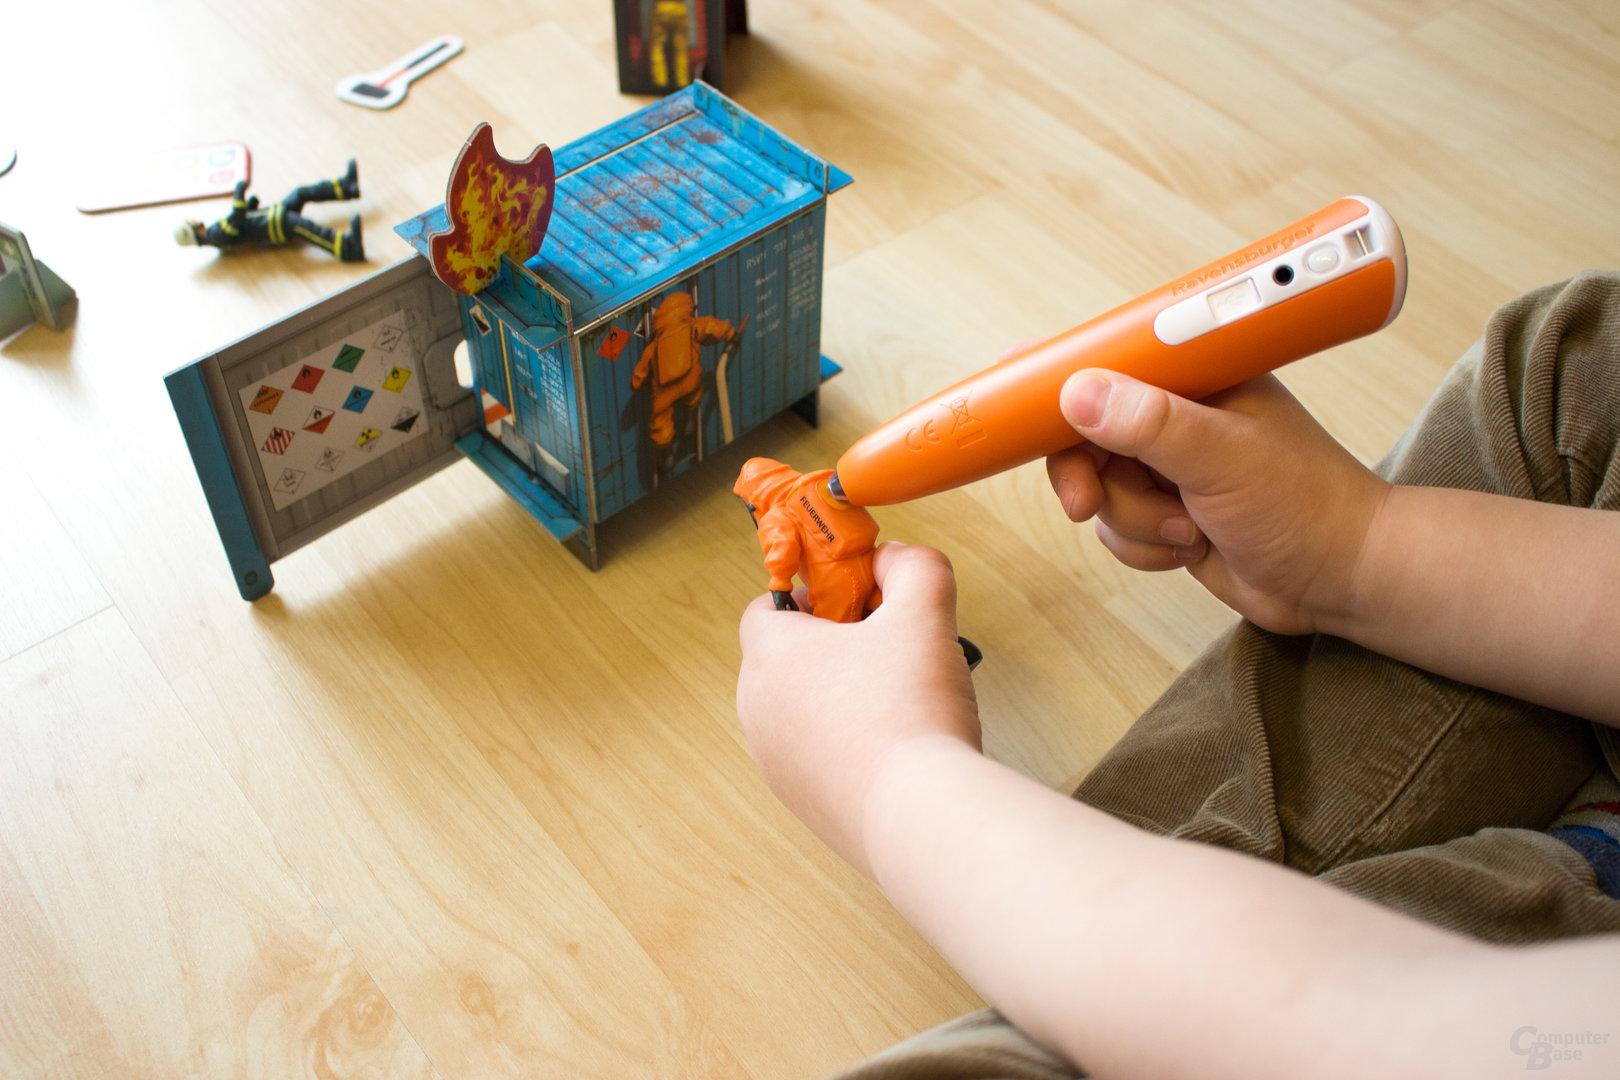 Auch das neue Set ist sehr gut für kleine Kinderhände geeignet